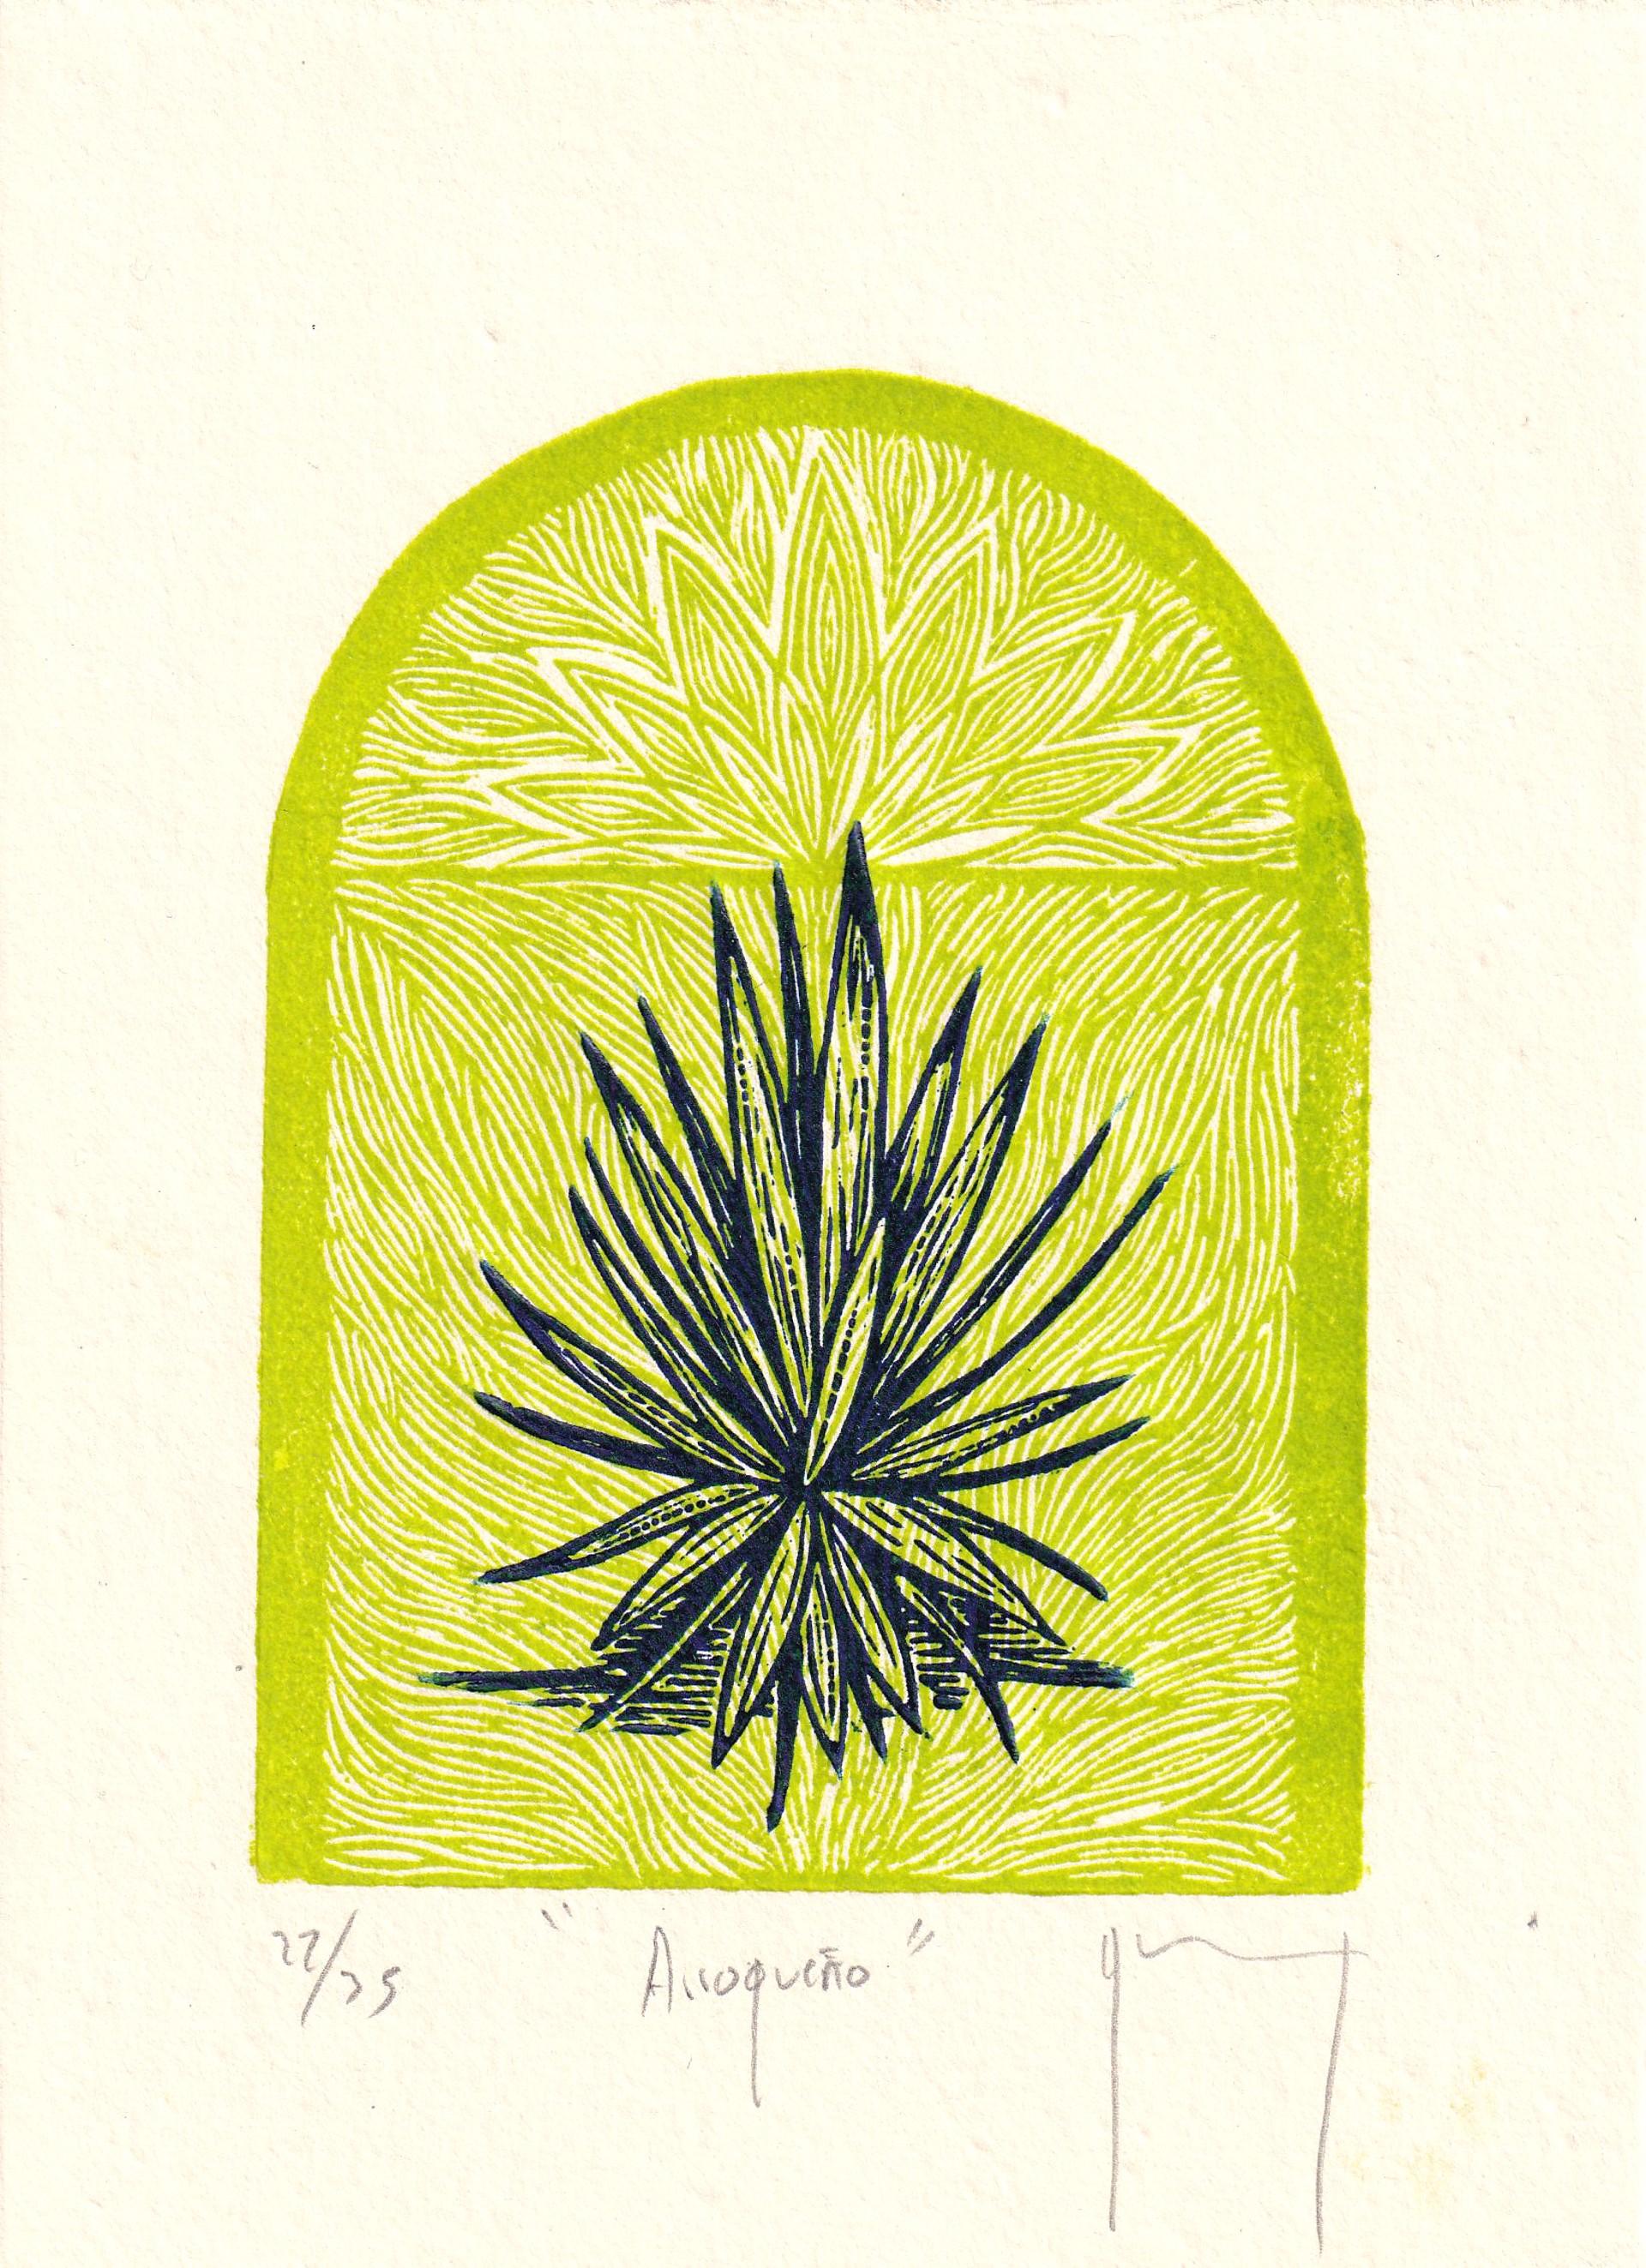 Arroqueno by Miguel Jimenez Martinez